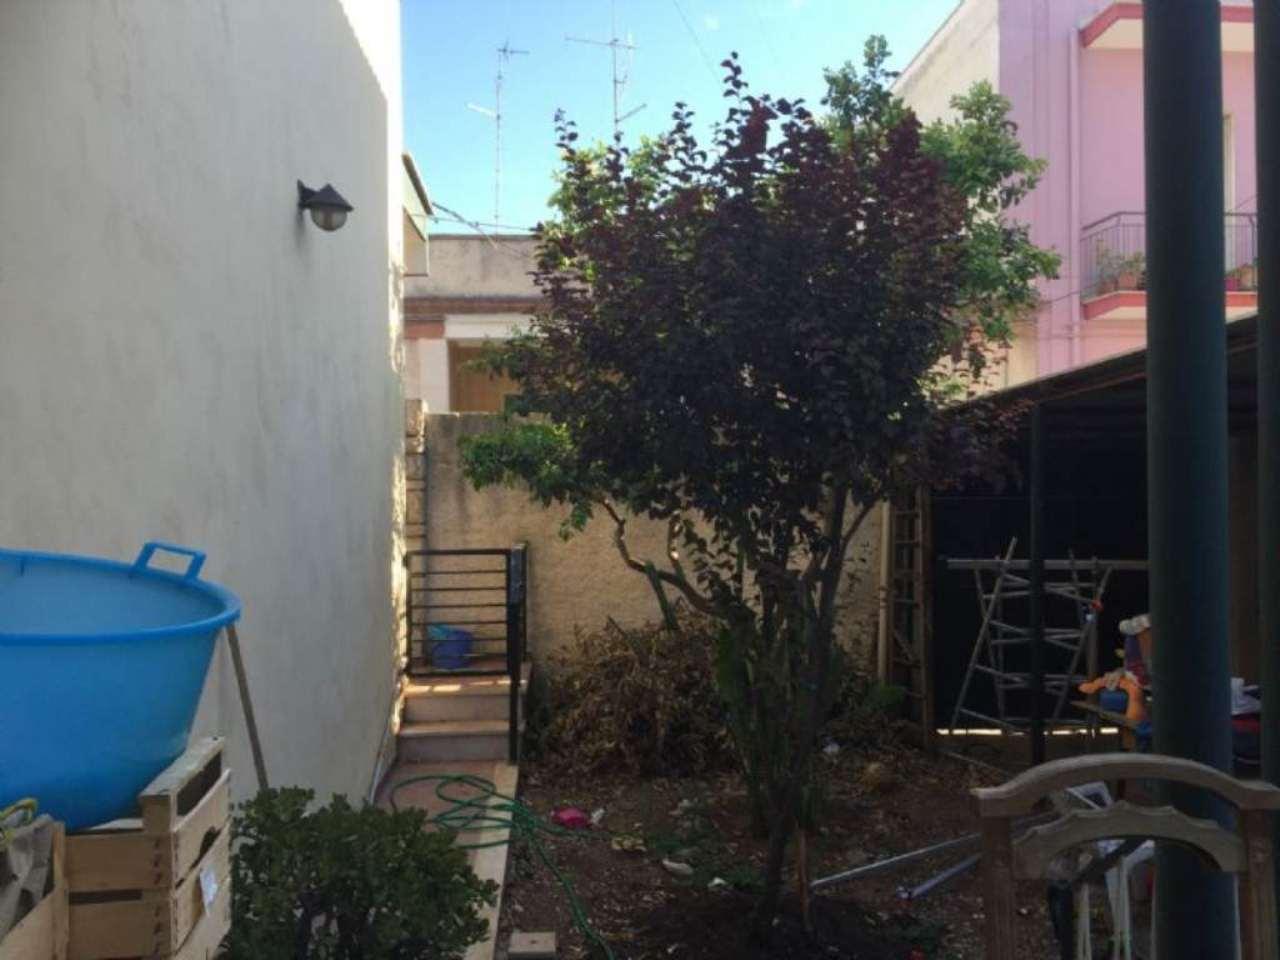 Villa in vendita a Modugno, 4 locali, prezzo € 550.000 | Cambio Casa.it